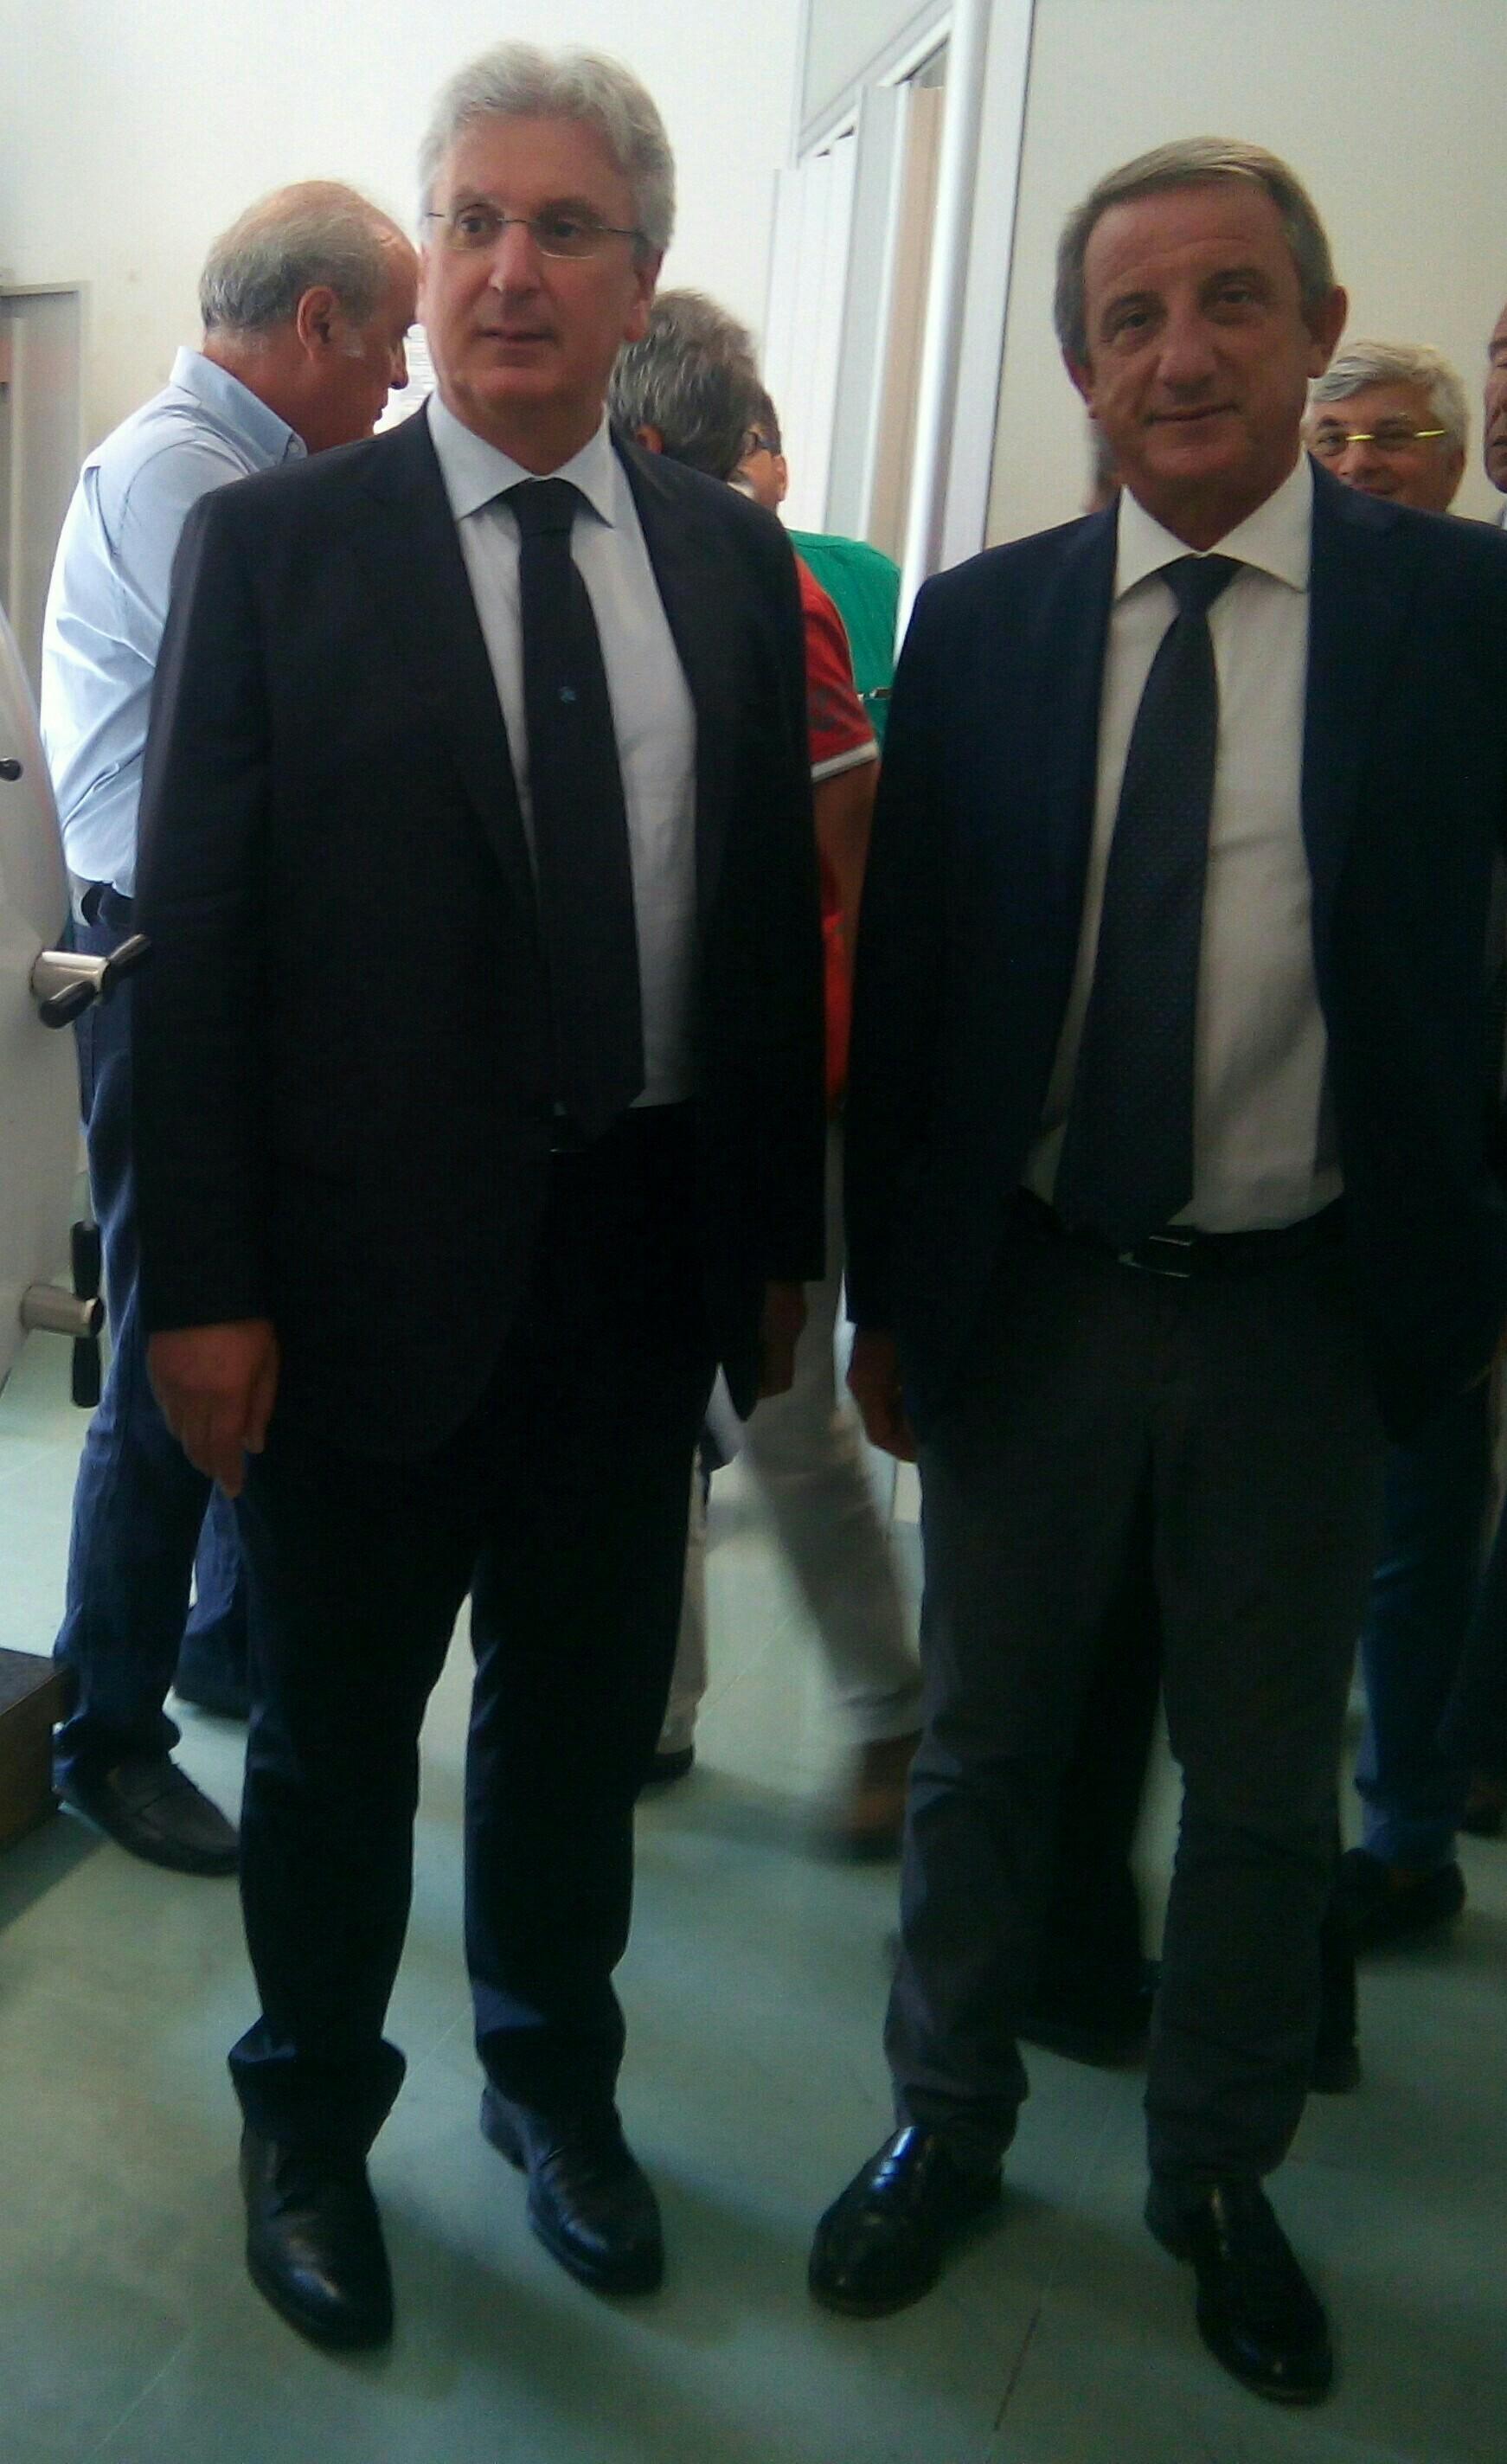 VISITA DELL'ASSESSORE REGIONALE ALLA SALUTE ALL'OSPEDALE DI PANTELLERIA